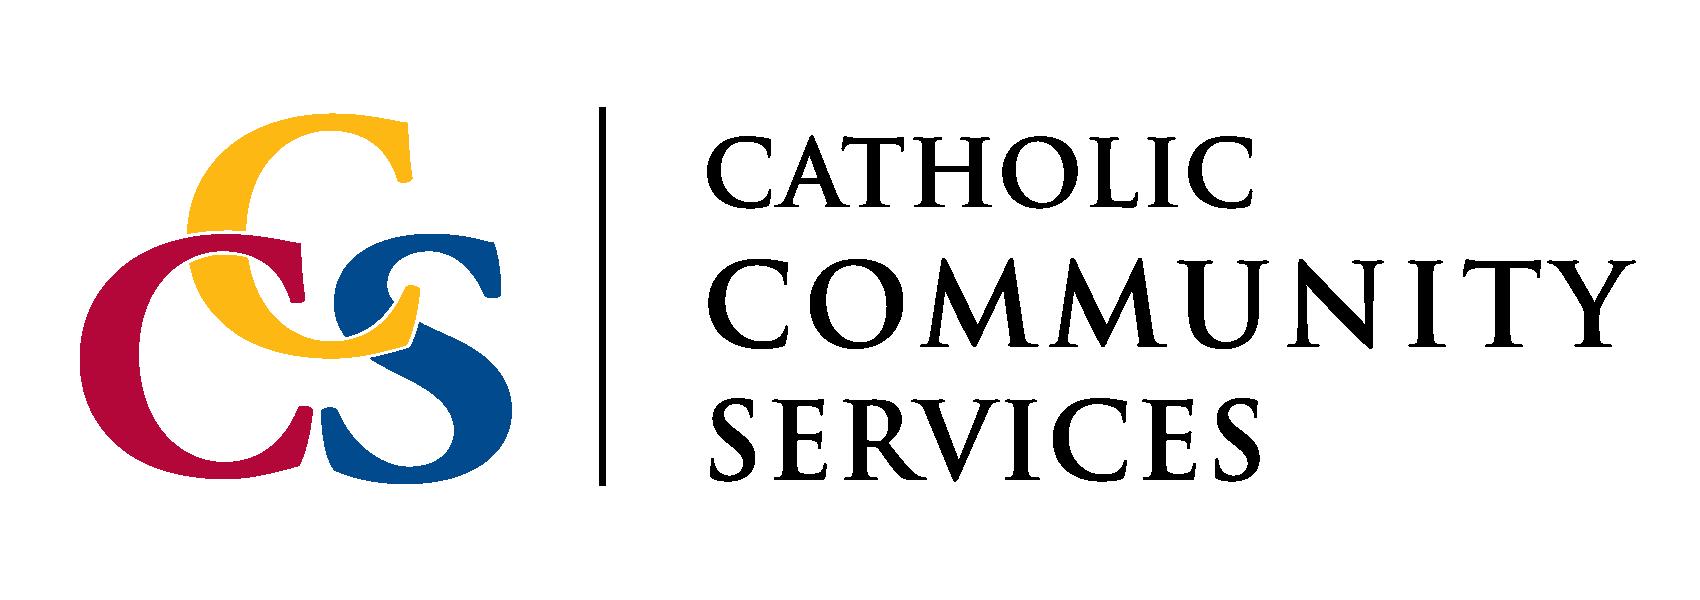 Catholic Community Services of Utah Company Logo